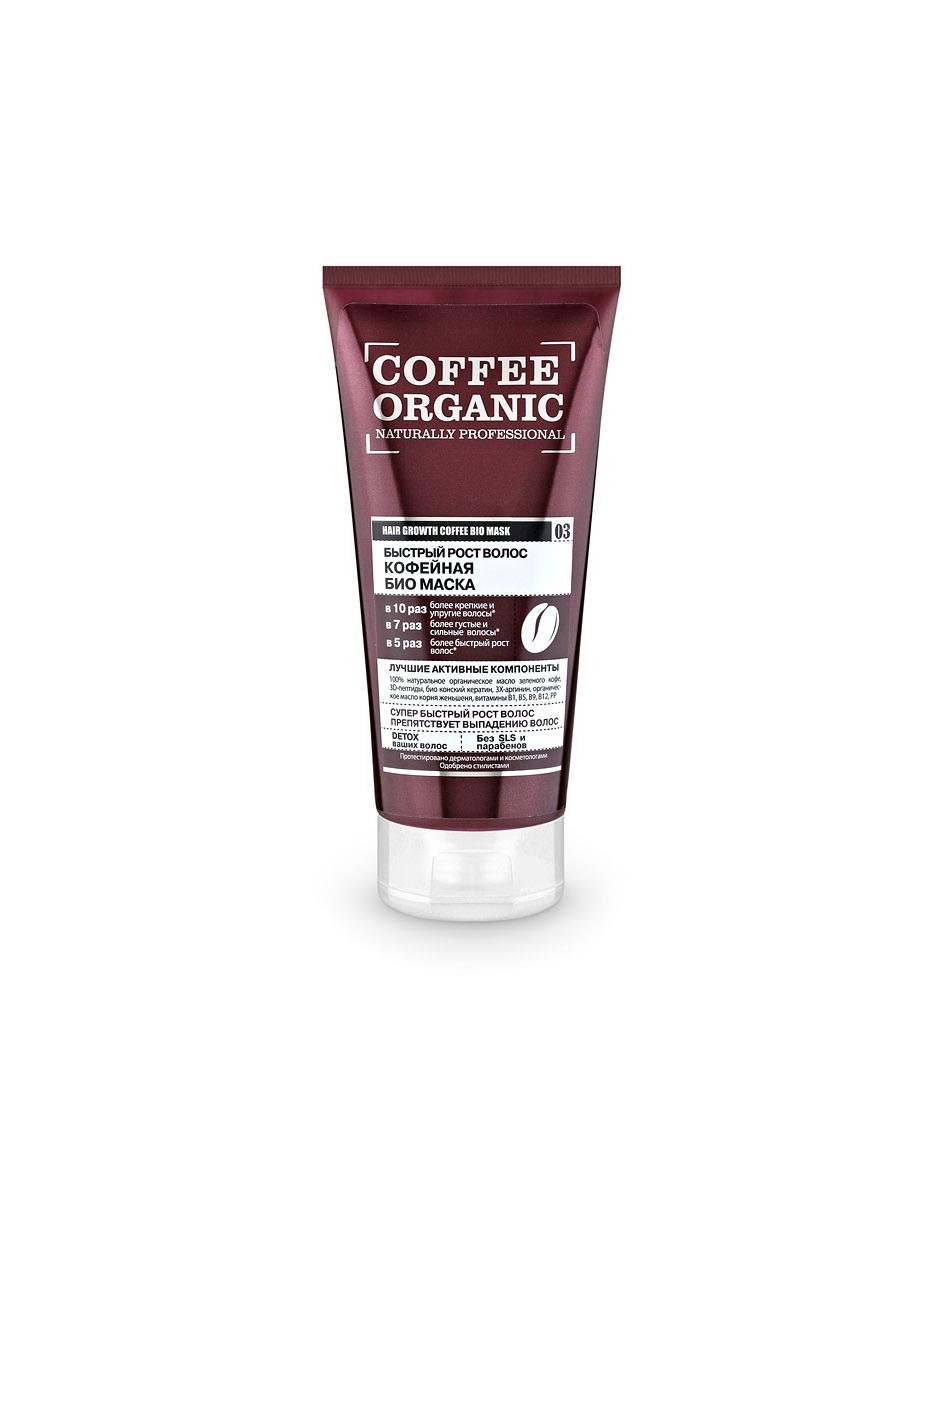 Оrganic Shop Naturally Professional Био-маска для волос Быстрый рост волос, кофейная, 200 млFS-00897100% натуральное органическое масло зеленого кофе активно тонизируют кожу головы, пробуждая волосяные луковицы и обеспечивая быстрый рост волос. 3D-пептиды залечивают поврежденную структуру волос, предотвращая ломкость. Био-конский кератин защищает волосы, придает мягкость и эластичность. Органическое масло корня женьшеня глубоко питает и укрепляет волосяные луковицы, предотвращая выпадение волос. 3X-аргинин уплотняет волосы, делая их густыми и крепкими. Товар сертифицирован.